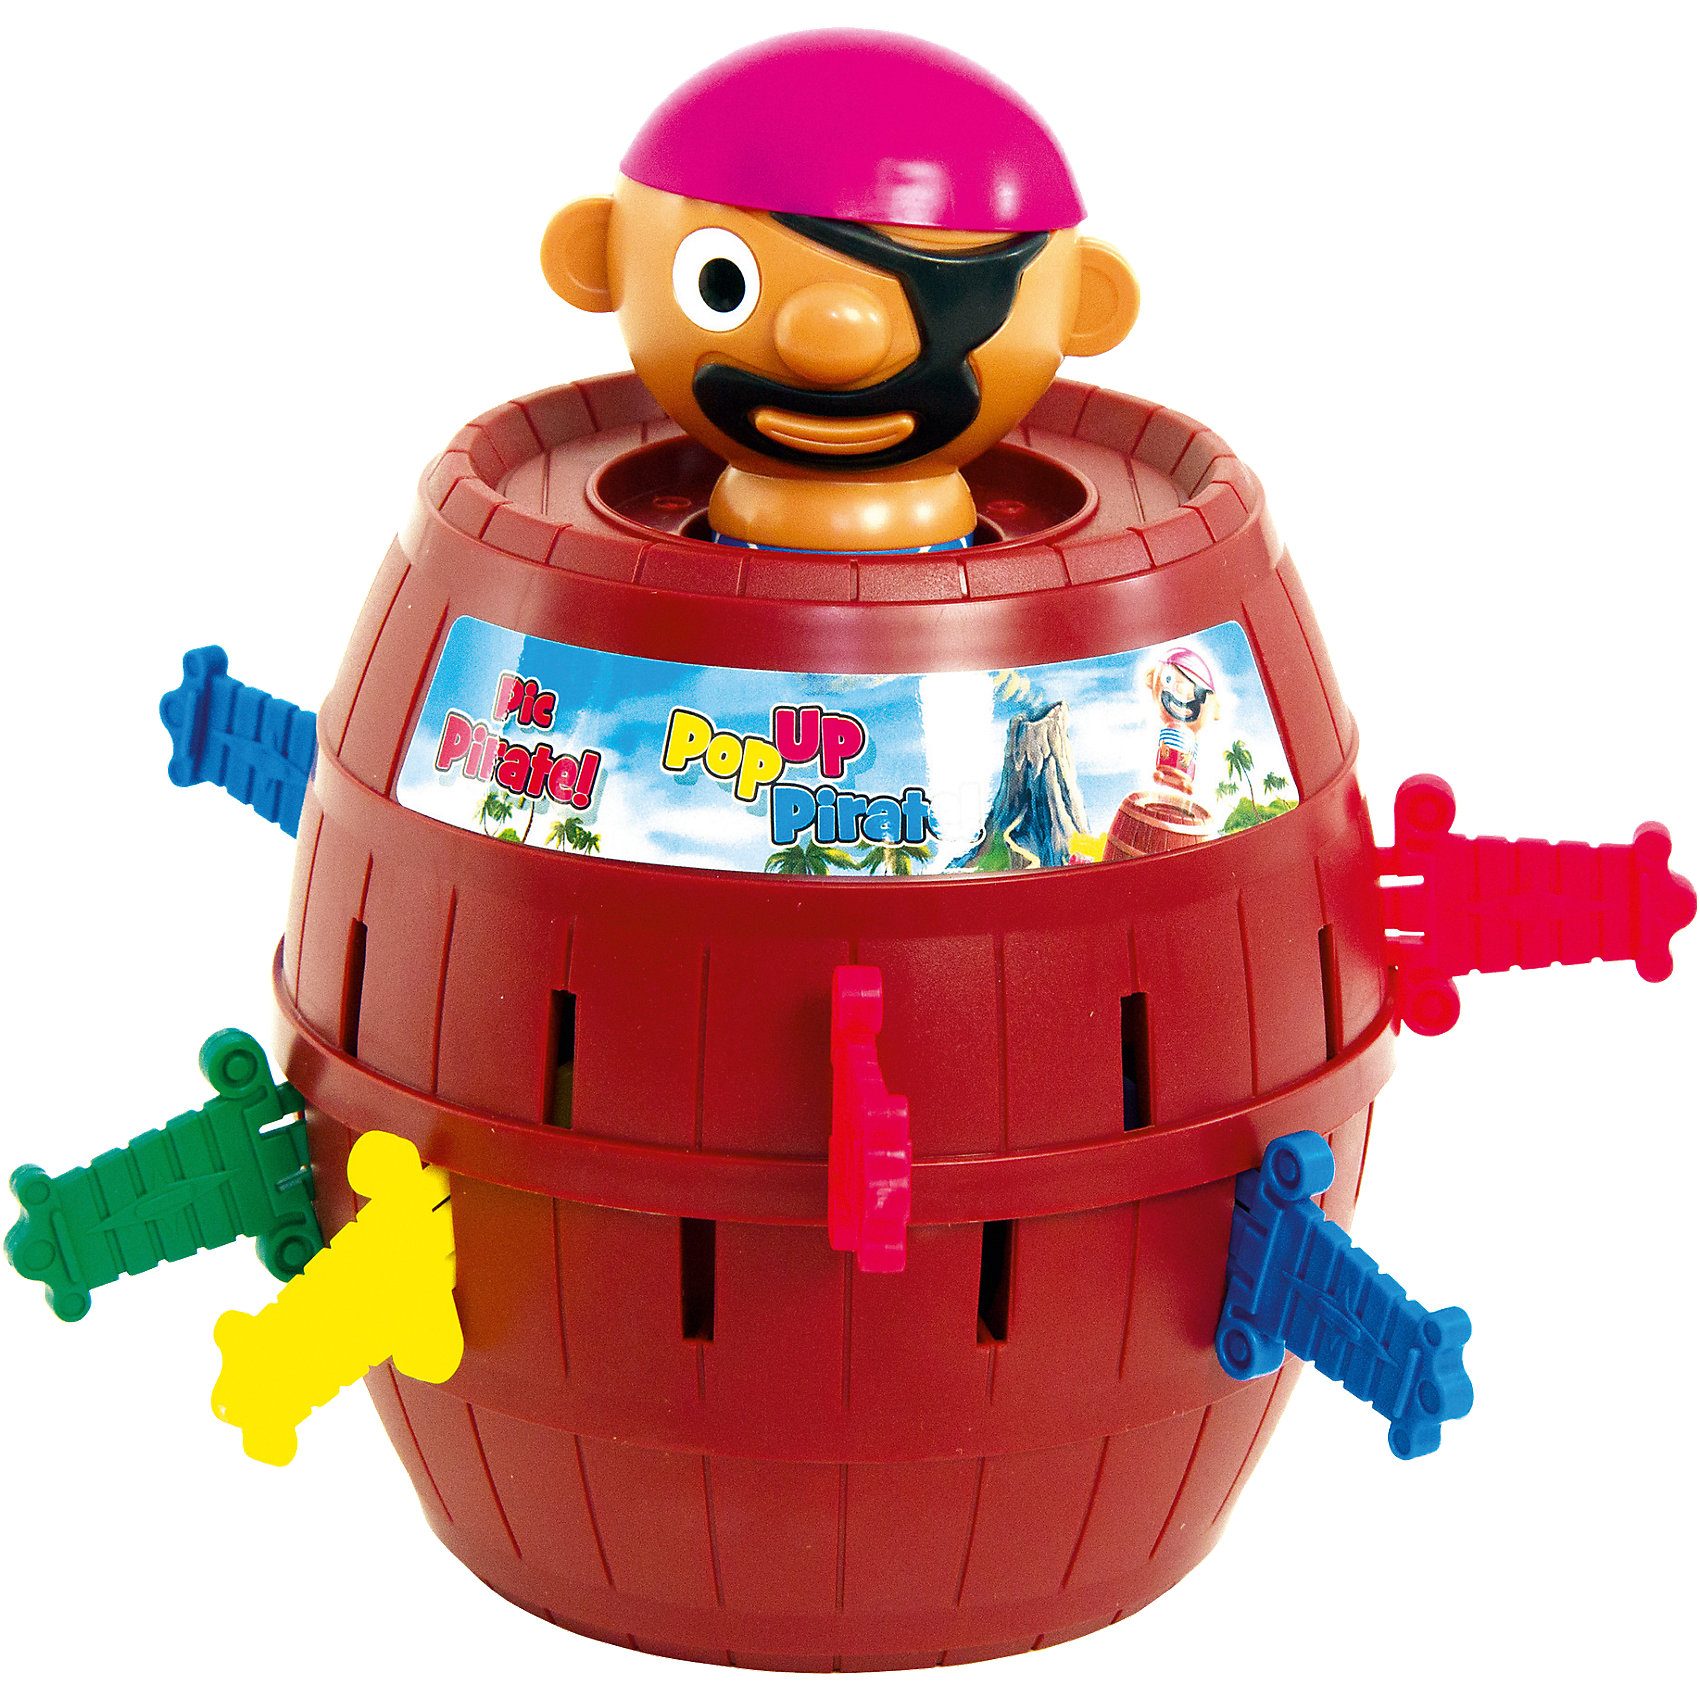 Настольная игра Пират в бочке, TOMYПираты<br>Приключенческая игра Пират в бочке от Tomy (Томи) для настоящих любителей пиратов! Если Вы хотите заинтересовать свои ребятишек – то этот весёлый пират в бочке именно для Вас!<br><br>В эту игру дети могу играть как вдвоём, так и вчетвером. Каждый из игроков выбирает себе мечи определённого цвета. Эти мечи они должны втыкать по очереди в бочку (для этого в ней есть специальные маленькие отверстия). Но не всё так просто! В любой момент из бочки может выскочить одноглазый хитрый пират, почувствовав на себе укол меча!  При выпрыгивании пирата, последний игрок, воткнувший  в отверстие бочки свой меч, выбывает.<br><br>Игра подойдёт для любого детского праздника и развлёчёт каждого!<br><br>Таким занимательным способом дети не только получают неописуемое удовольствие, более того, таким образом, у них развивается концентрация, внимания и ловкость движения! А ведь это как раз самые необходимые навыки для Вашего ребёнка  в возрасте от 4-х лет!<br><br>В наборе:<br>- фигурка одноглазого пирата<br>- бочка<br>- различные налейки<br>- яркие мечи разных цветов<br><br>Дополнительная информация:<br>Размеры – 14 х 19,2 х 14 см<br>Размер упаковки – 21 х 15 х 27 см<br>Вес – 620 гр<br>Материал – высококачественный пластик<br><br>Настольную игру Пират в бочке от Томи Вы можете купить в нашем интернет-магазине.<br><br>Ширина мм: 272<br>Глубина мм: 215<br>Высота мм: 152<br>Вес г: 606<br>Возраст от месяцев: 48<br>Возраст до месяцев: 84<br>Пол: Унисекс<br>Возраст: Детский<br>SKU: 1213141